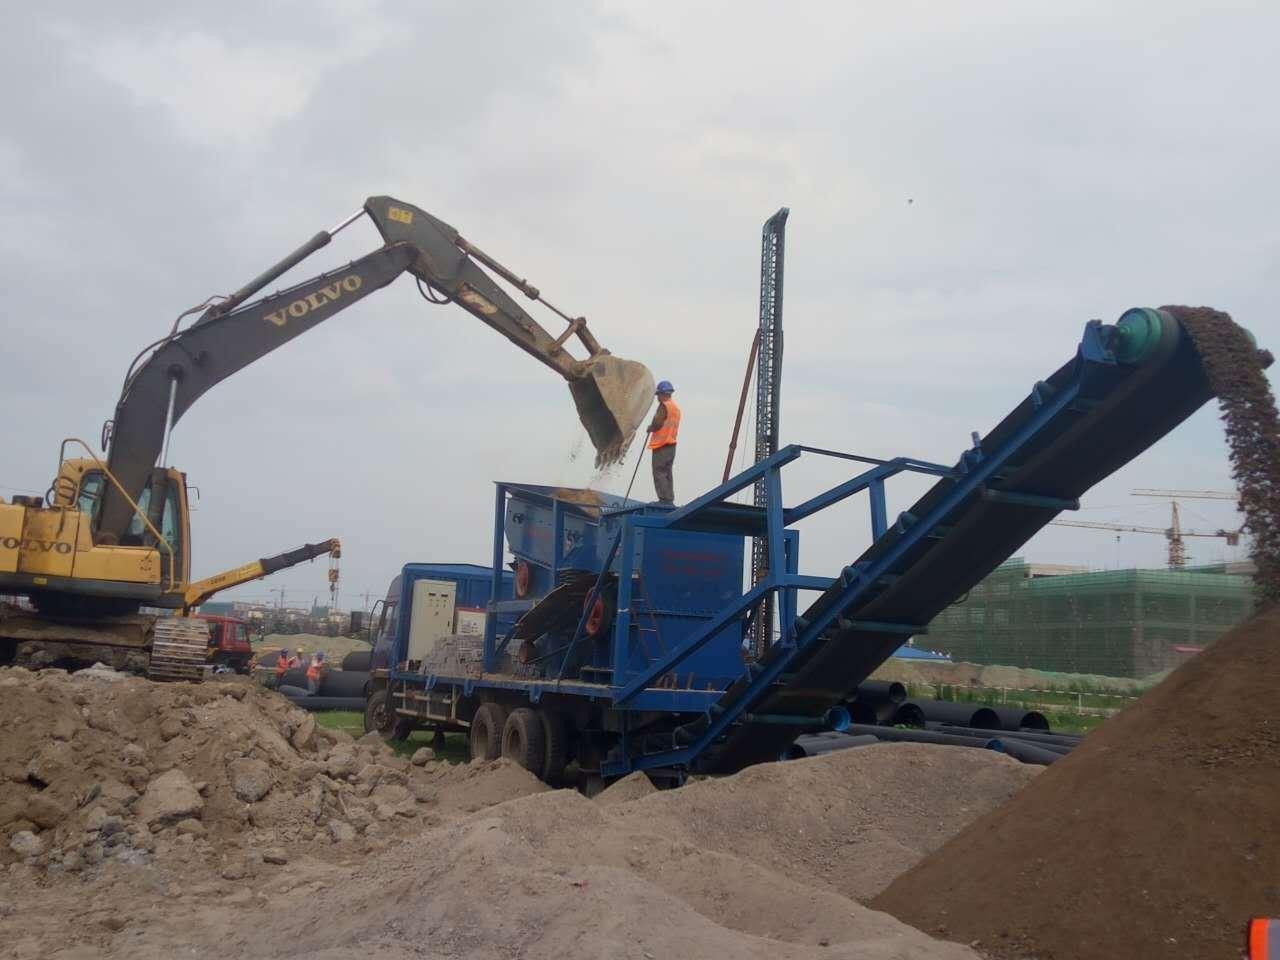 移动式石子破碎机如何将大块石头快速破碎?